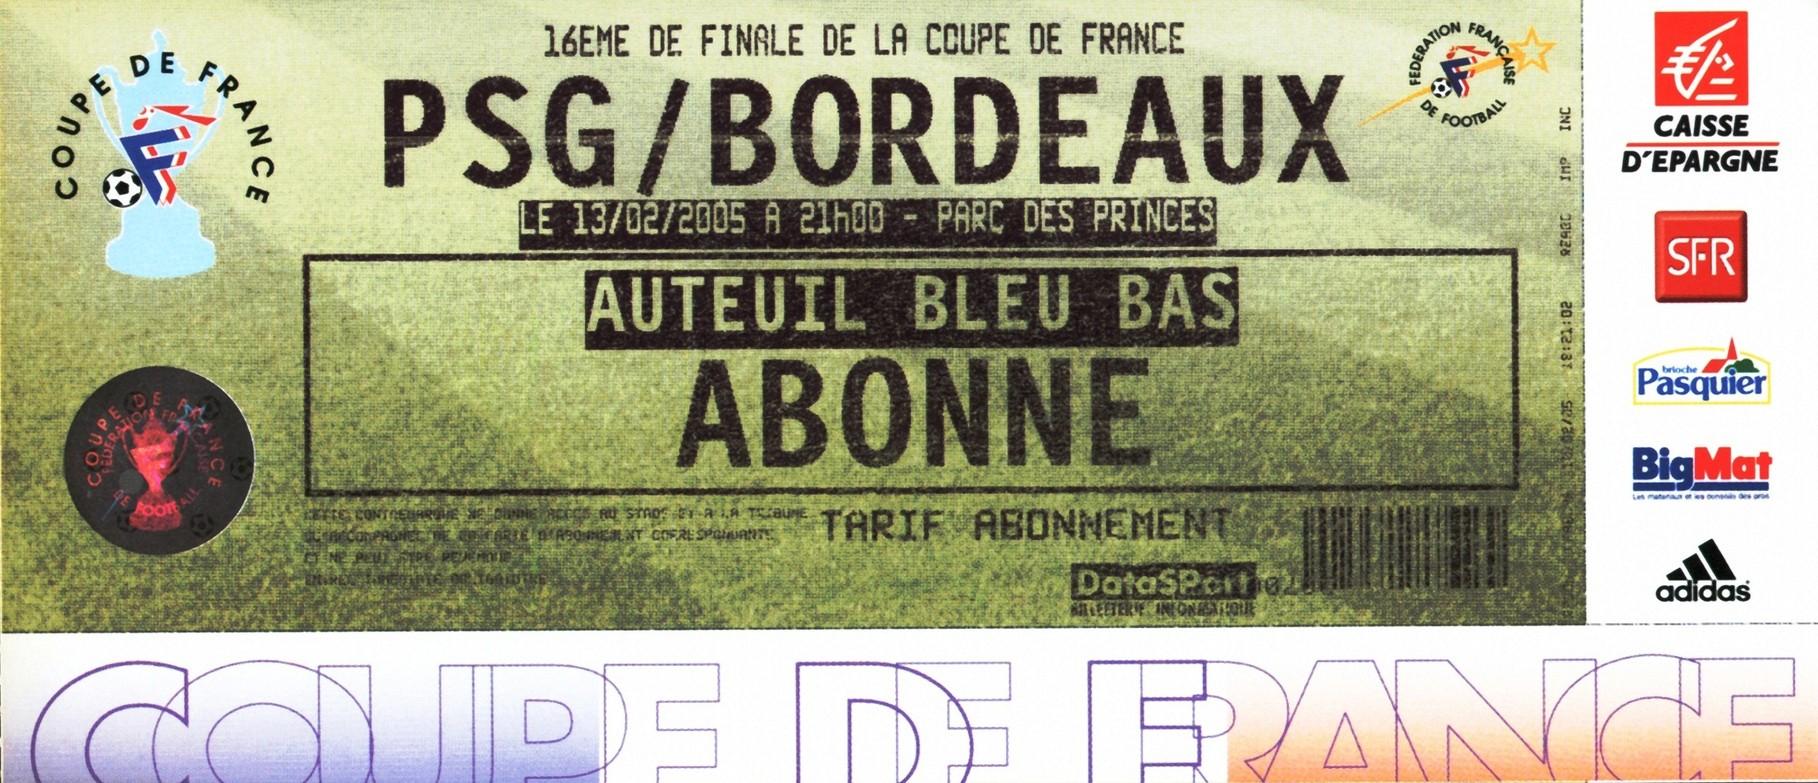 2005-02-13  PSG-Bordeaux (16ème Finale CF)